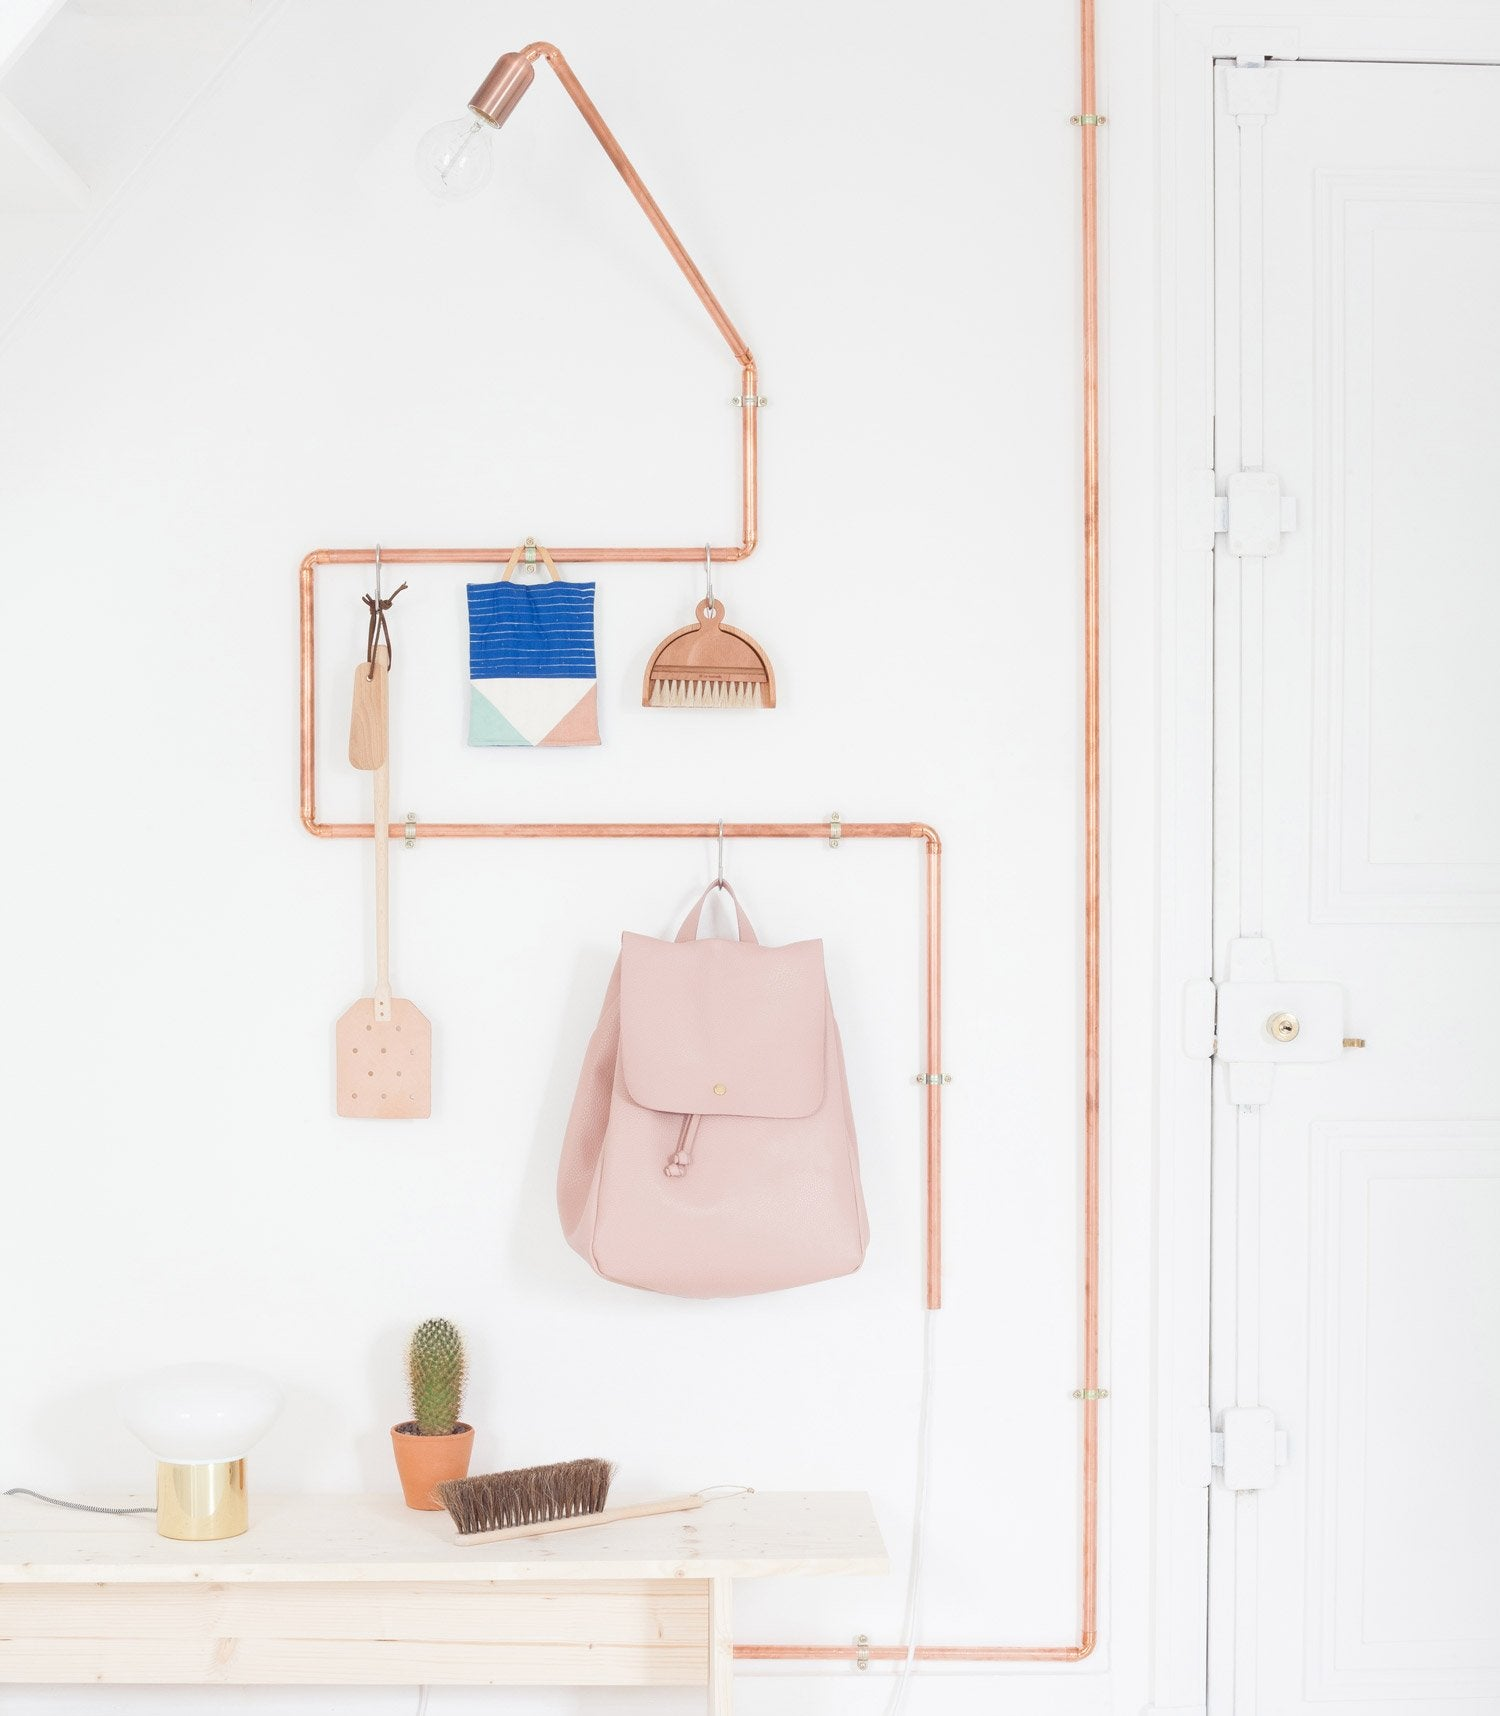 diy cr er une d coration originale avec des tuyaux de cuivre leroy merlin. Black Bedroom Furniture Sets. Home Design Ideas